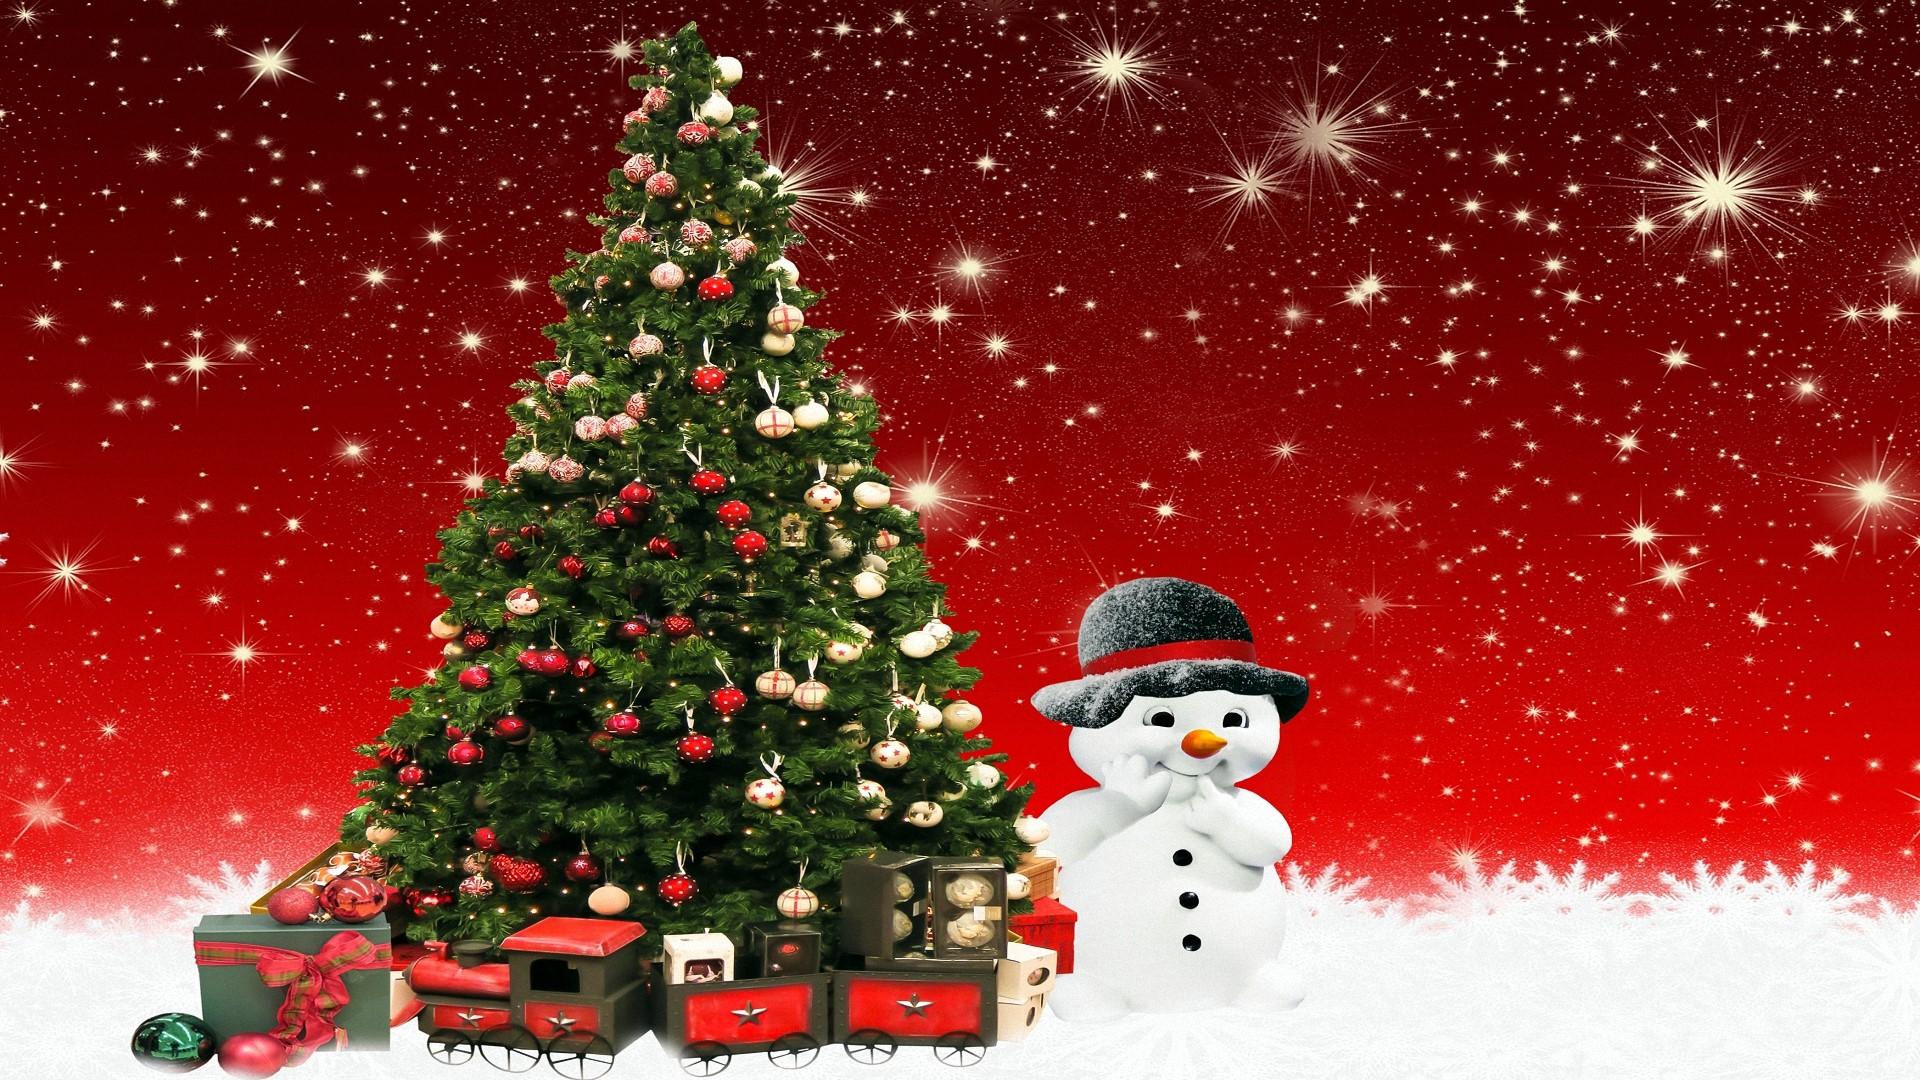 Weihnachtsbilder Für Frauen.Weihnachten Hintergrundbilder 1920x1080